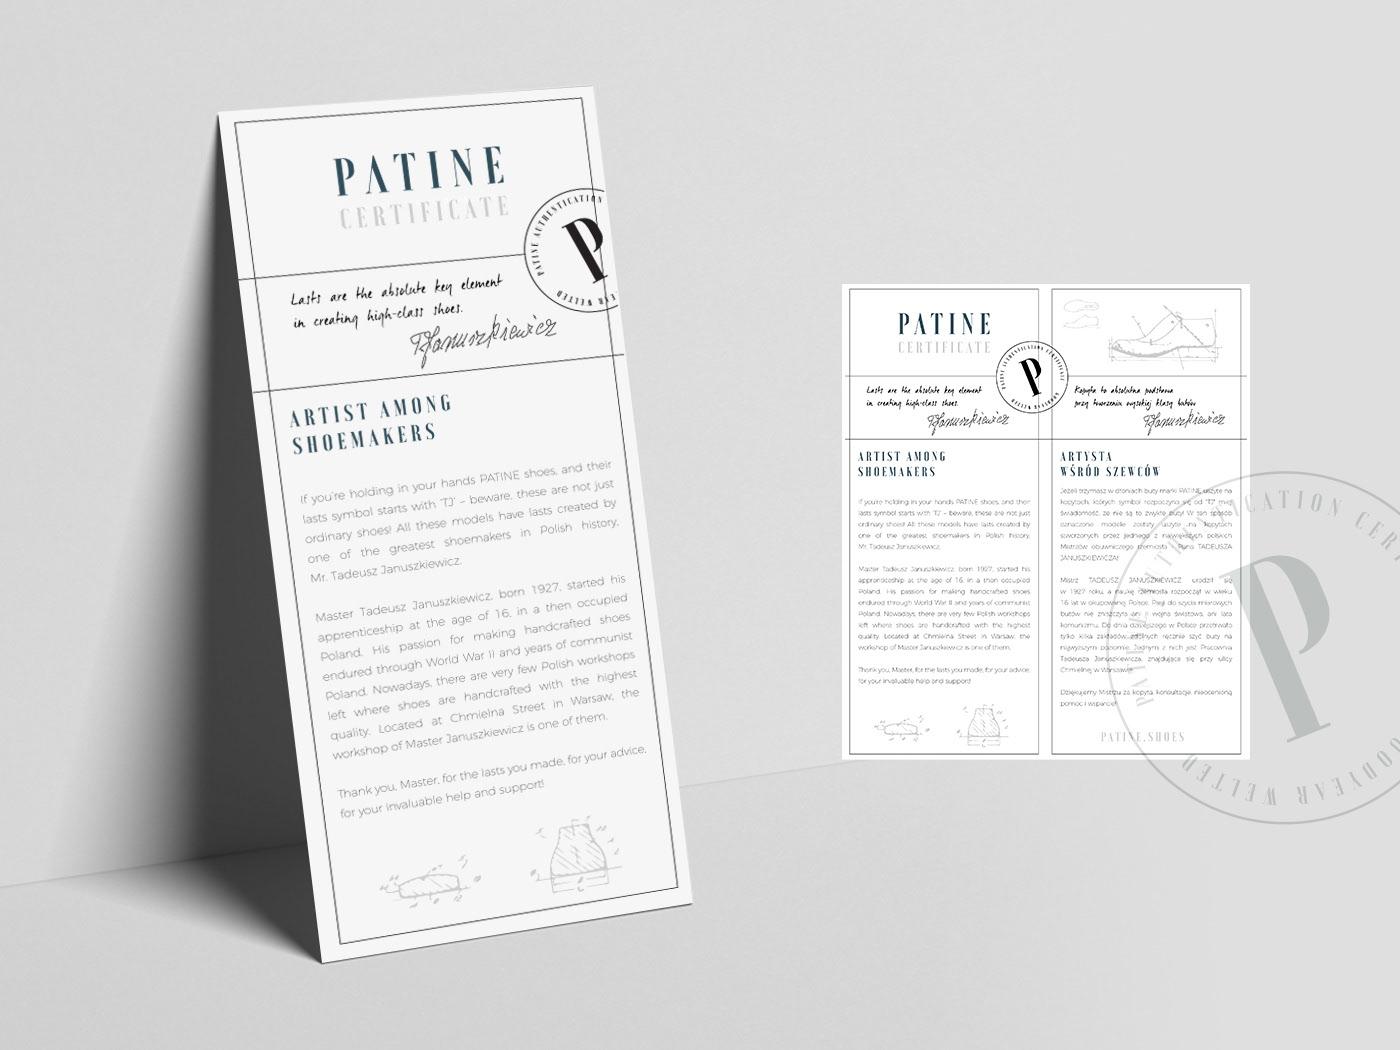 TJ Last Patine Shoes Certicicate